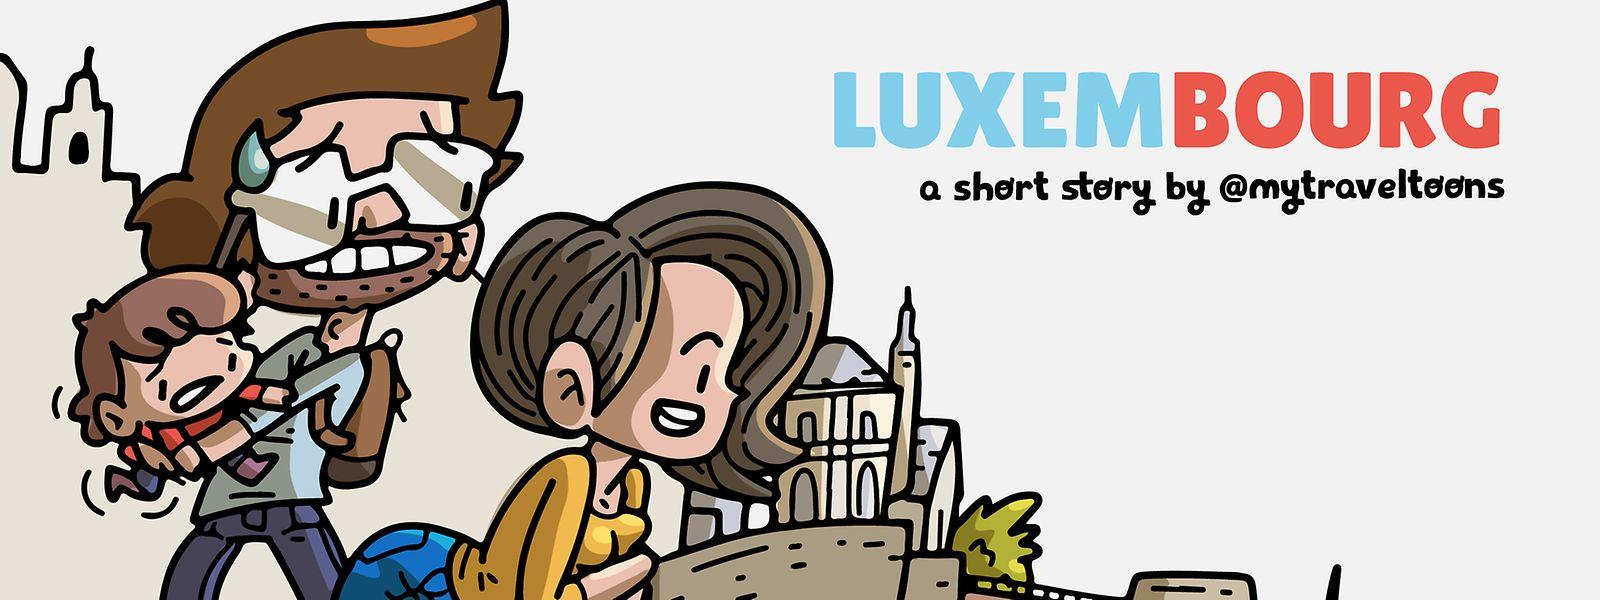 Une bande dessinée qui regorge d'anecdotes sur le Luxembourg.